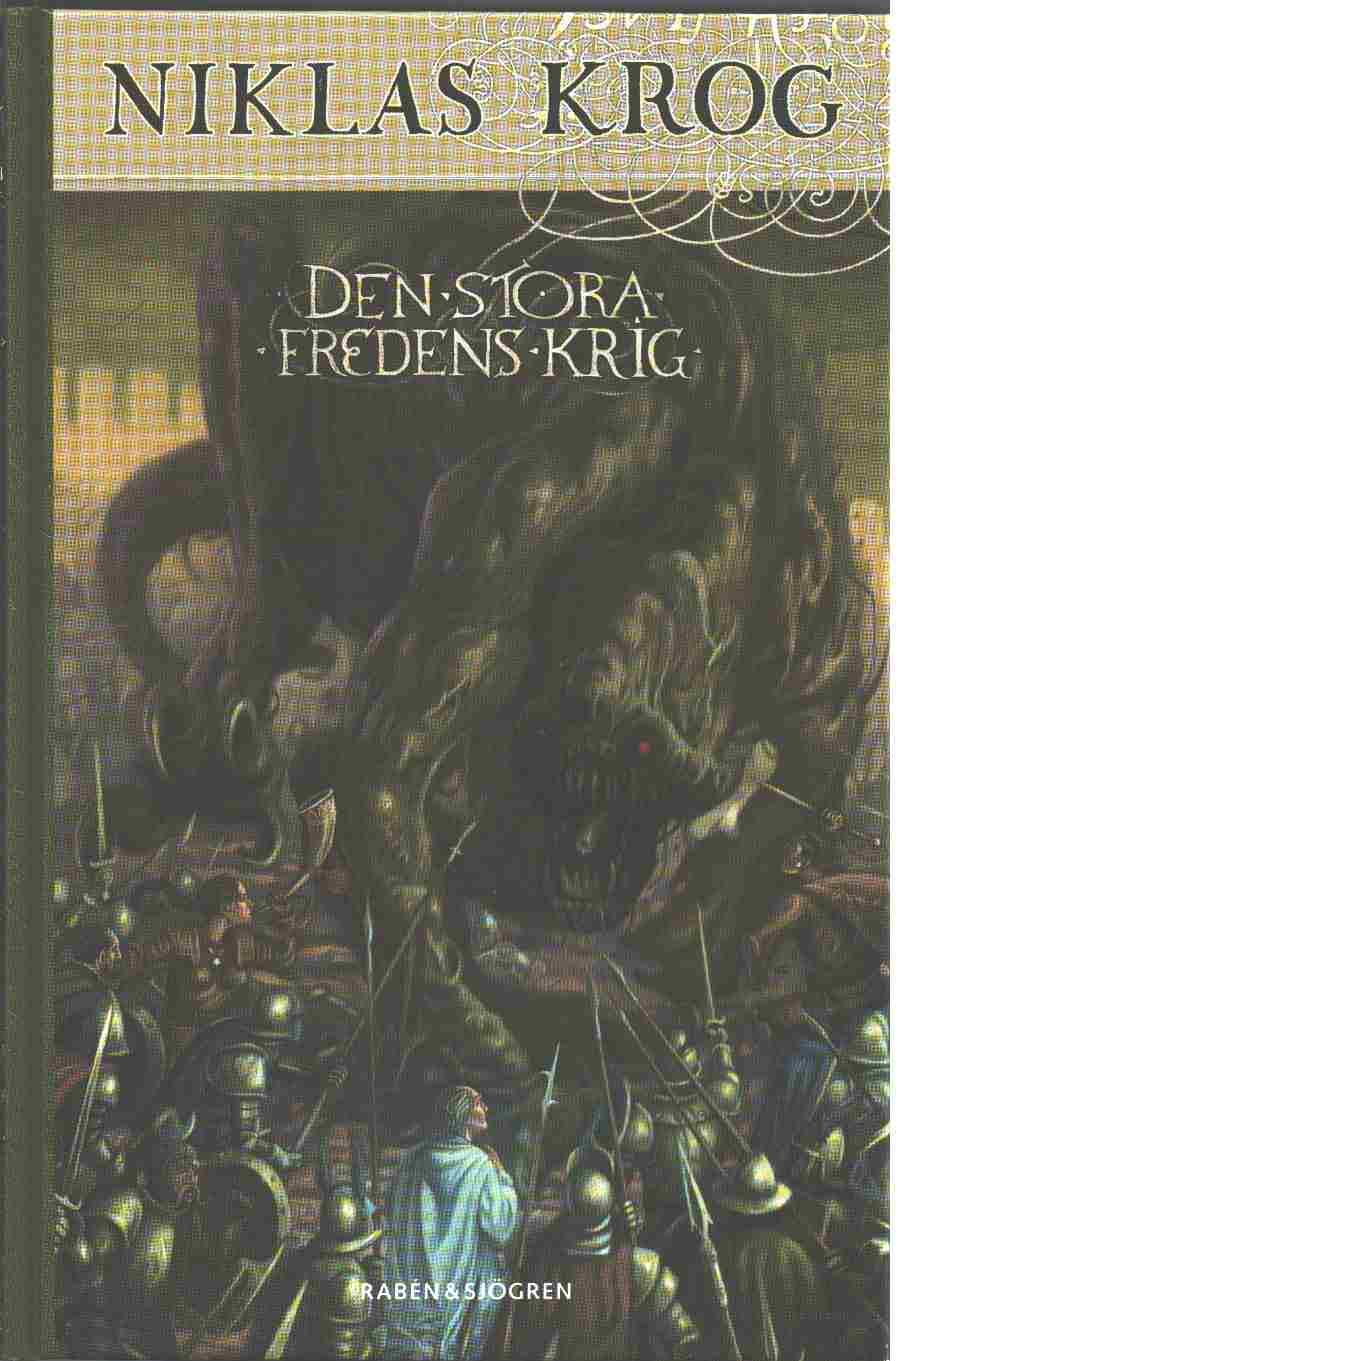 Den stora fredens krig - Krog, Niklas